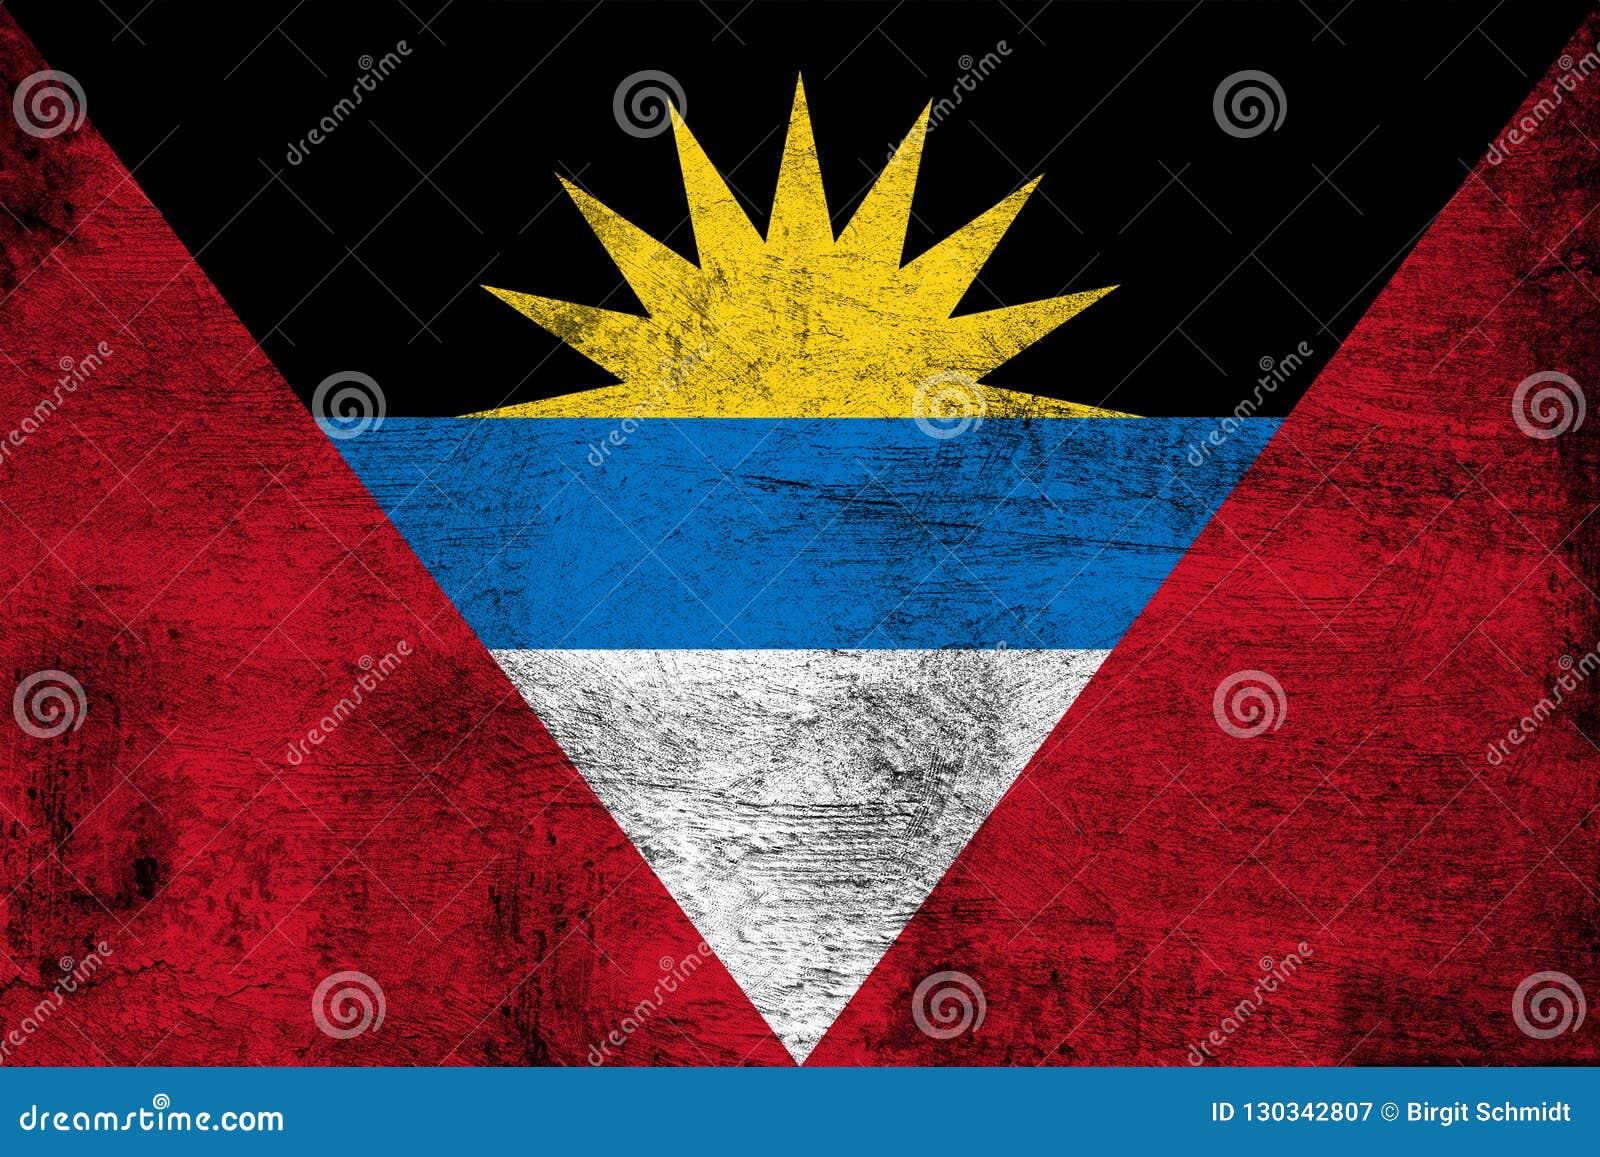 L Antigua et le Barbuda